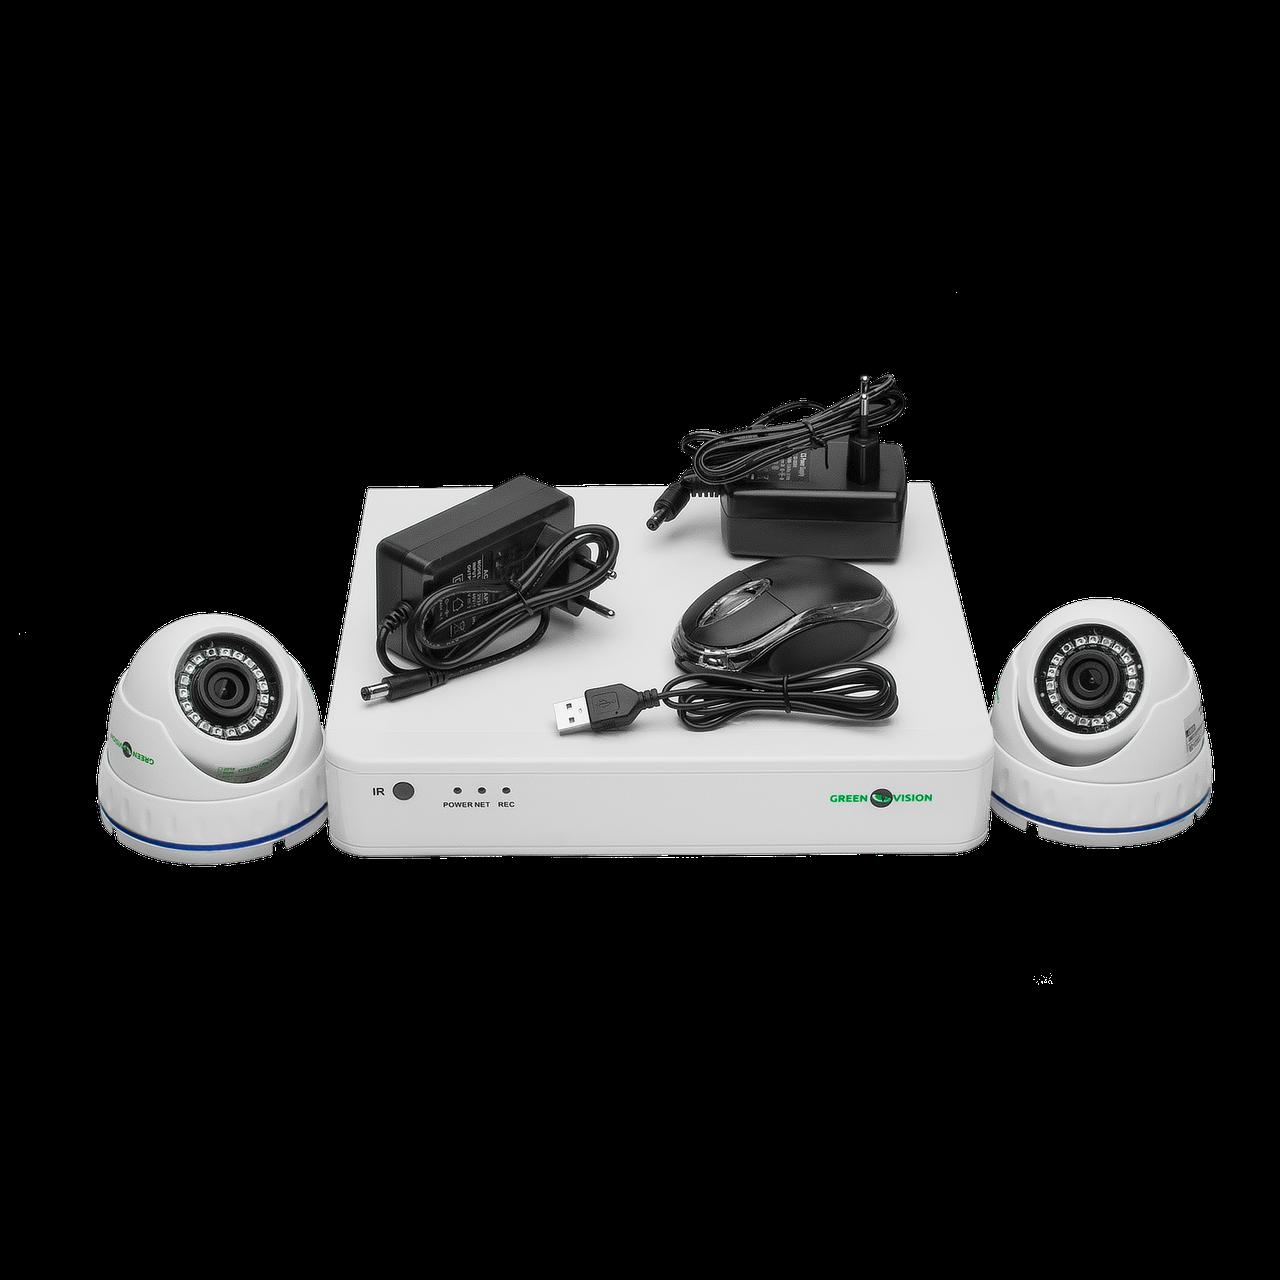 Комплект видеонаблюдения Green VisionGV-K-S15/02 1080P